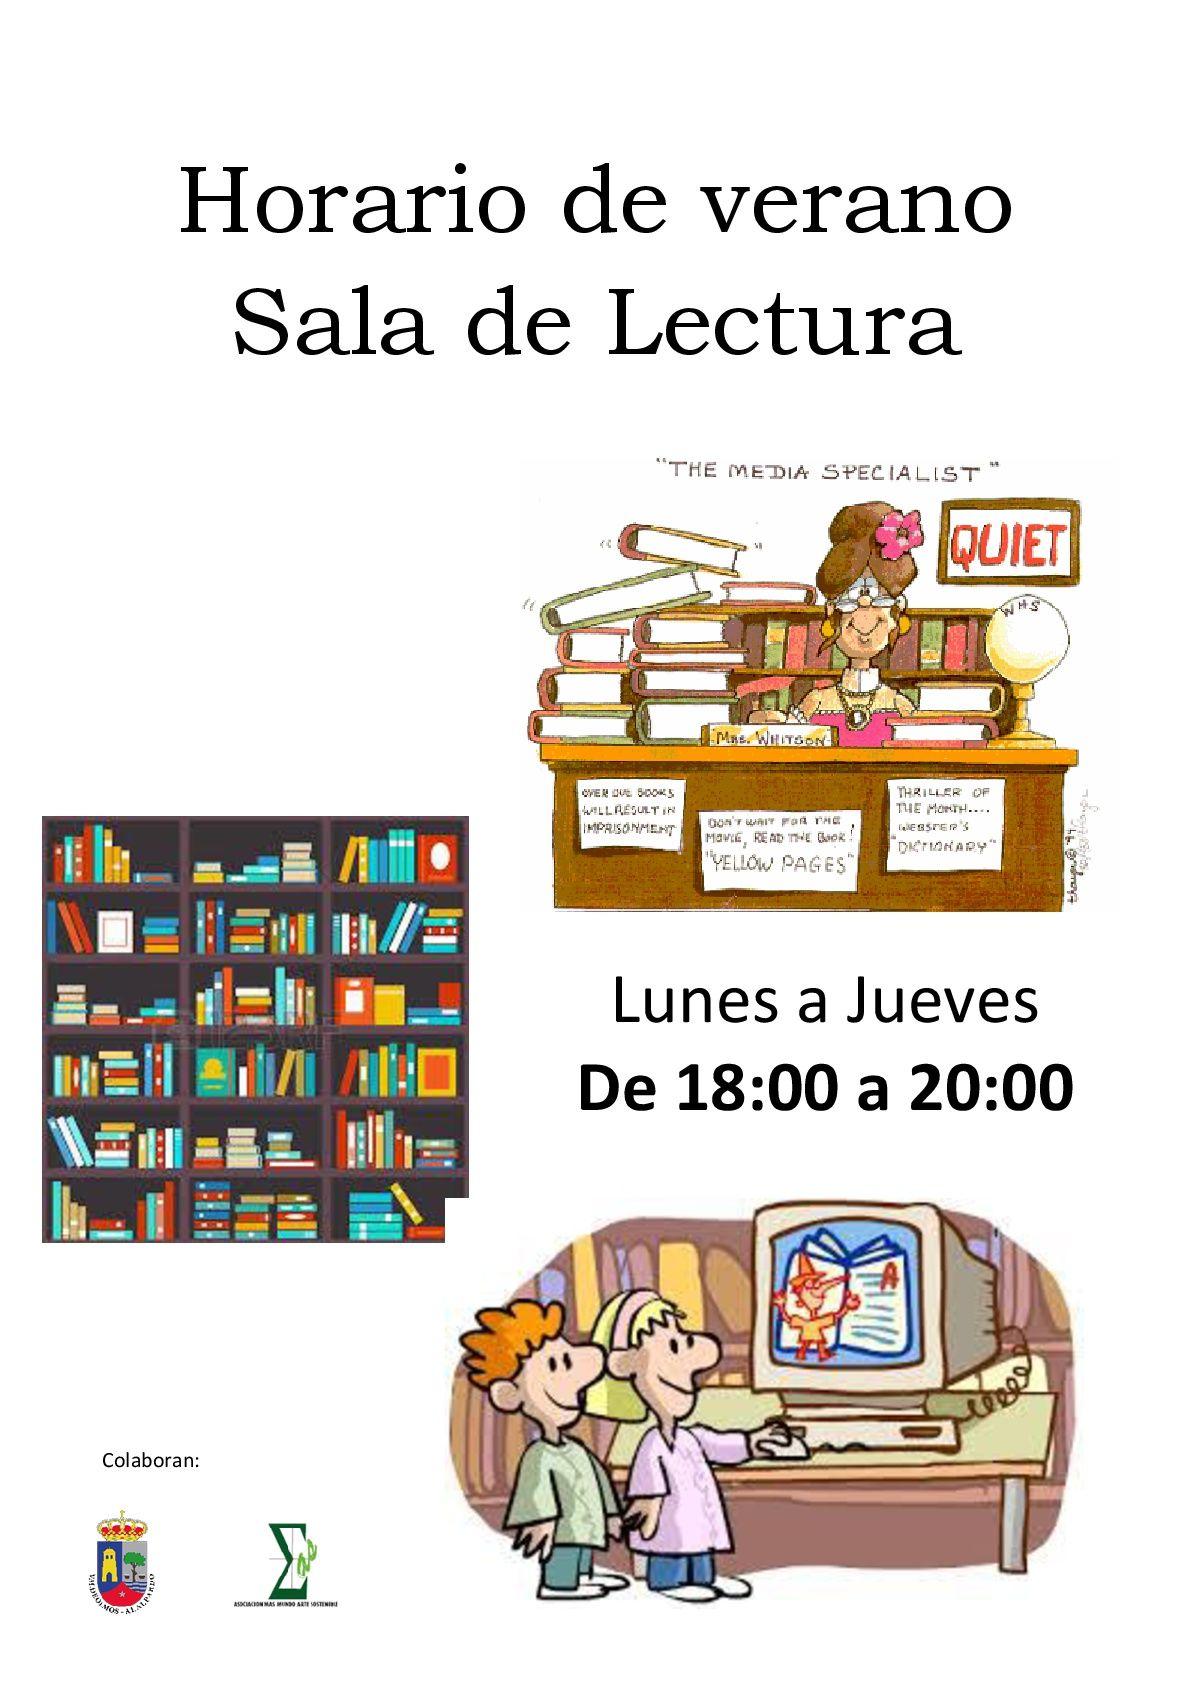 nuevo horario sala lectura-001